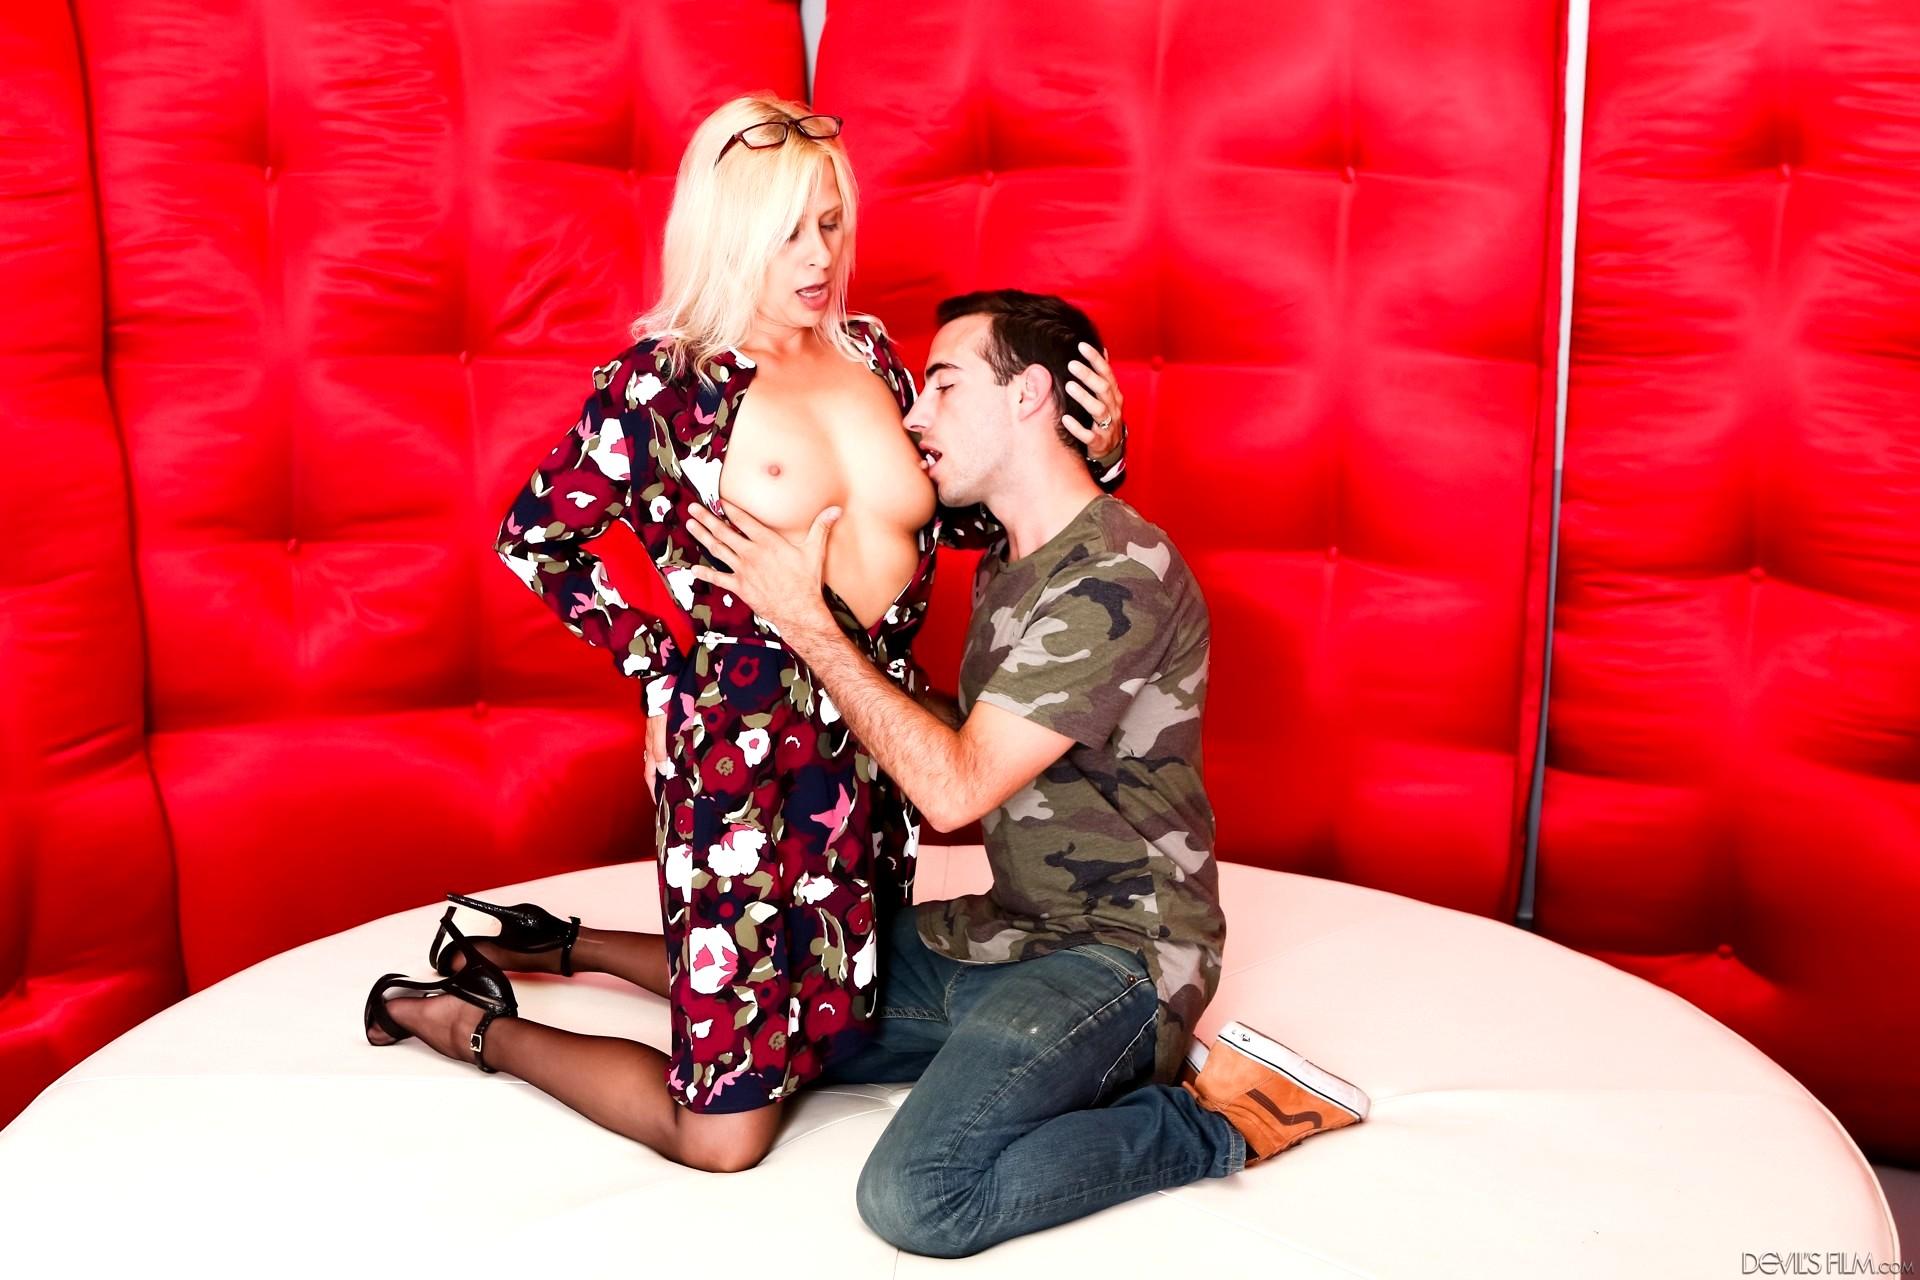 Payton Leigh Najdi Hd divizijo Sex Hd Pics-6182